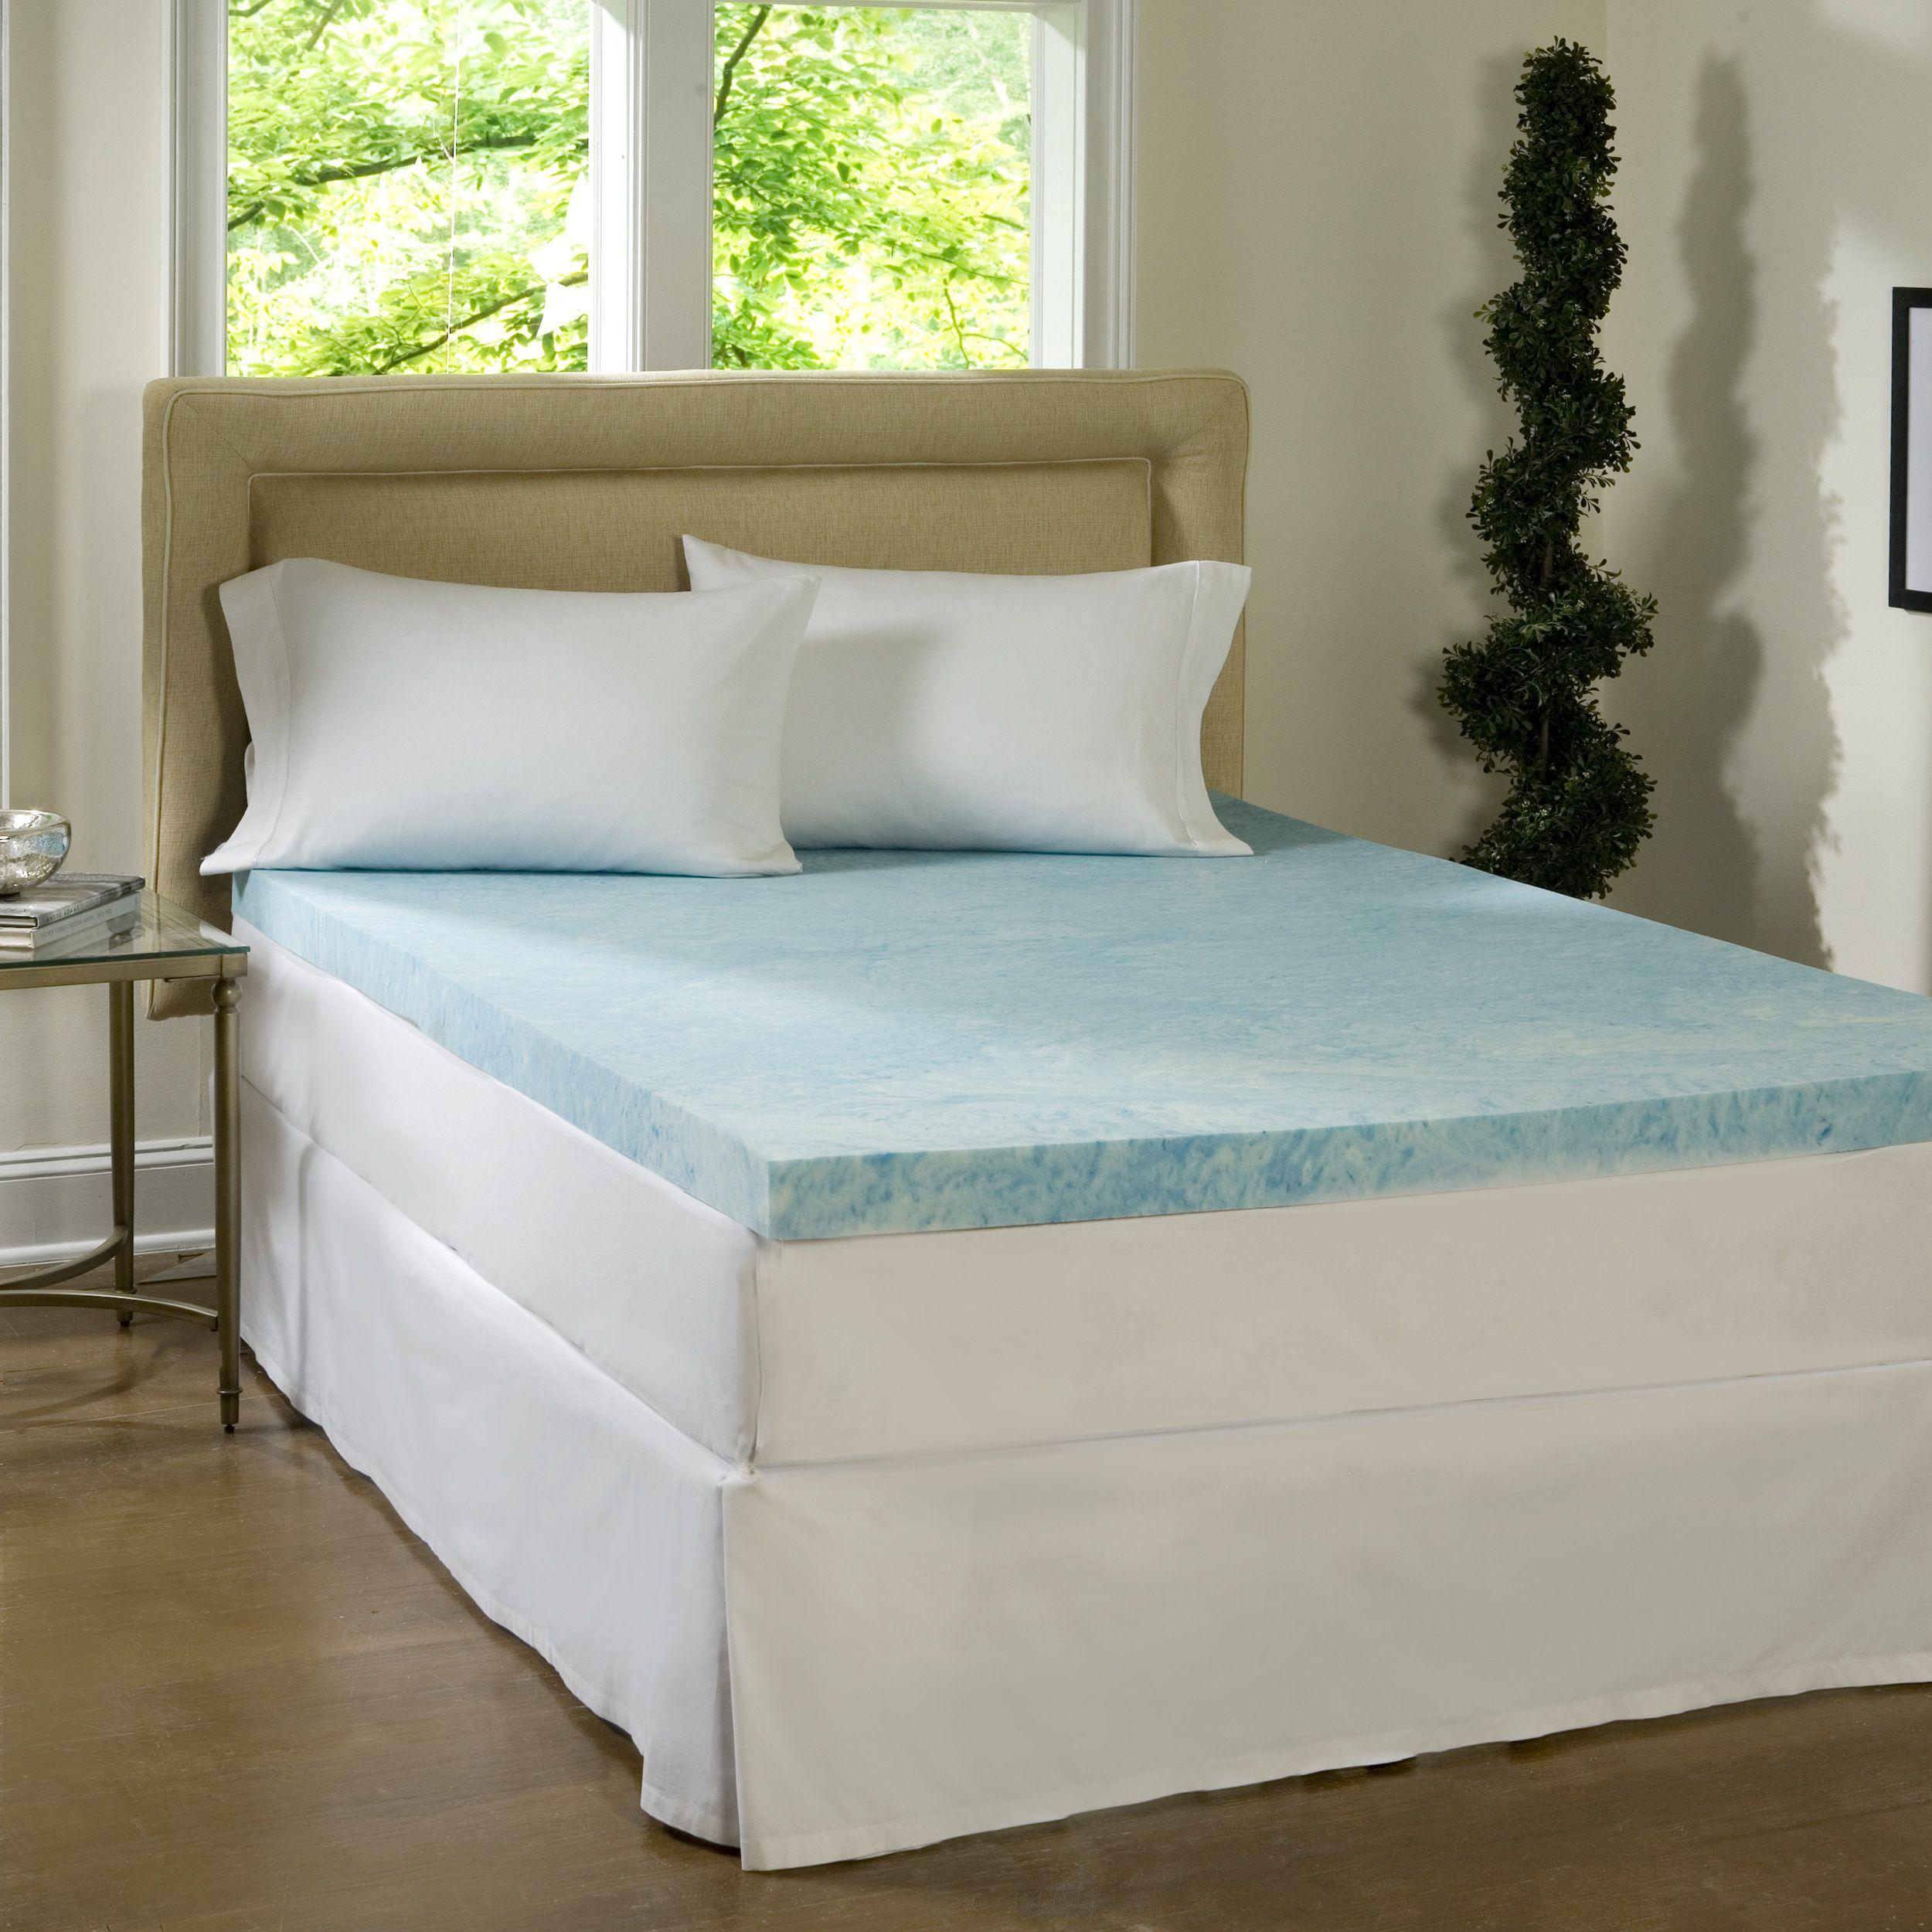 Comforpedic Loft From Beautyrest 4 Inch Flat Gel Memory Foam Mattress Topper Full Size As Is